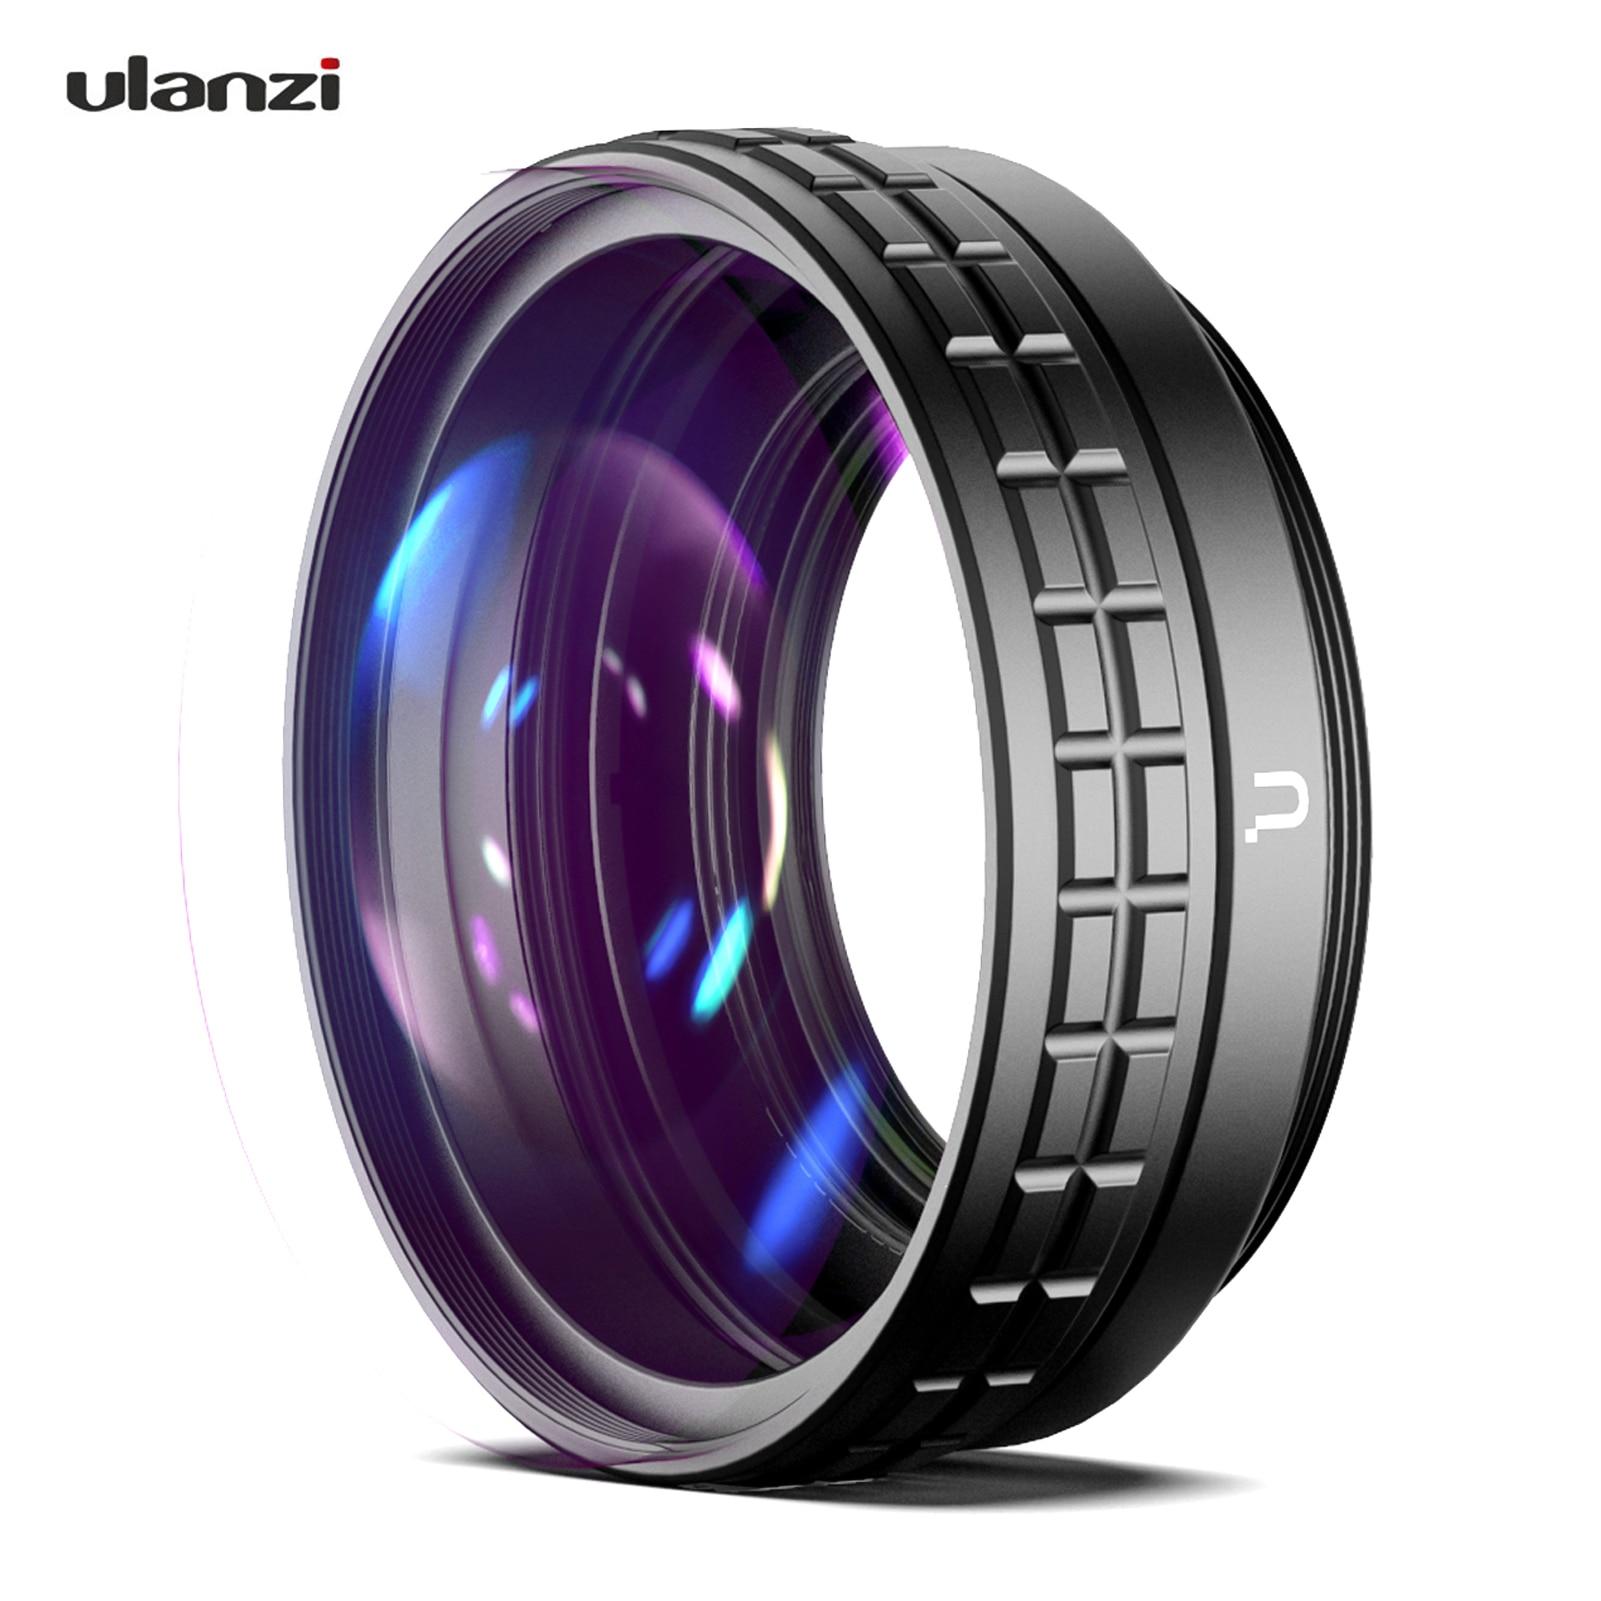 Ulanzi 18 мм Широкий формат объектив 10X макро объектив 2-в-1 дополнительный объектив внешнее кольцо-переходник для замены для Sony ZV1 RX100M7 камеры